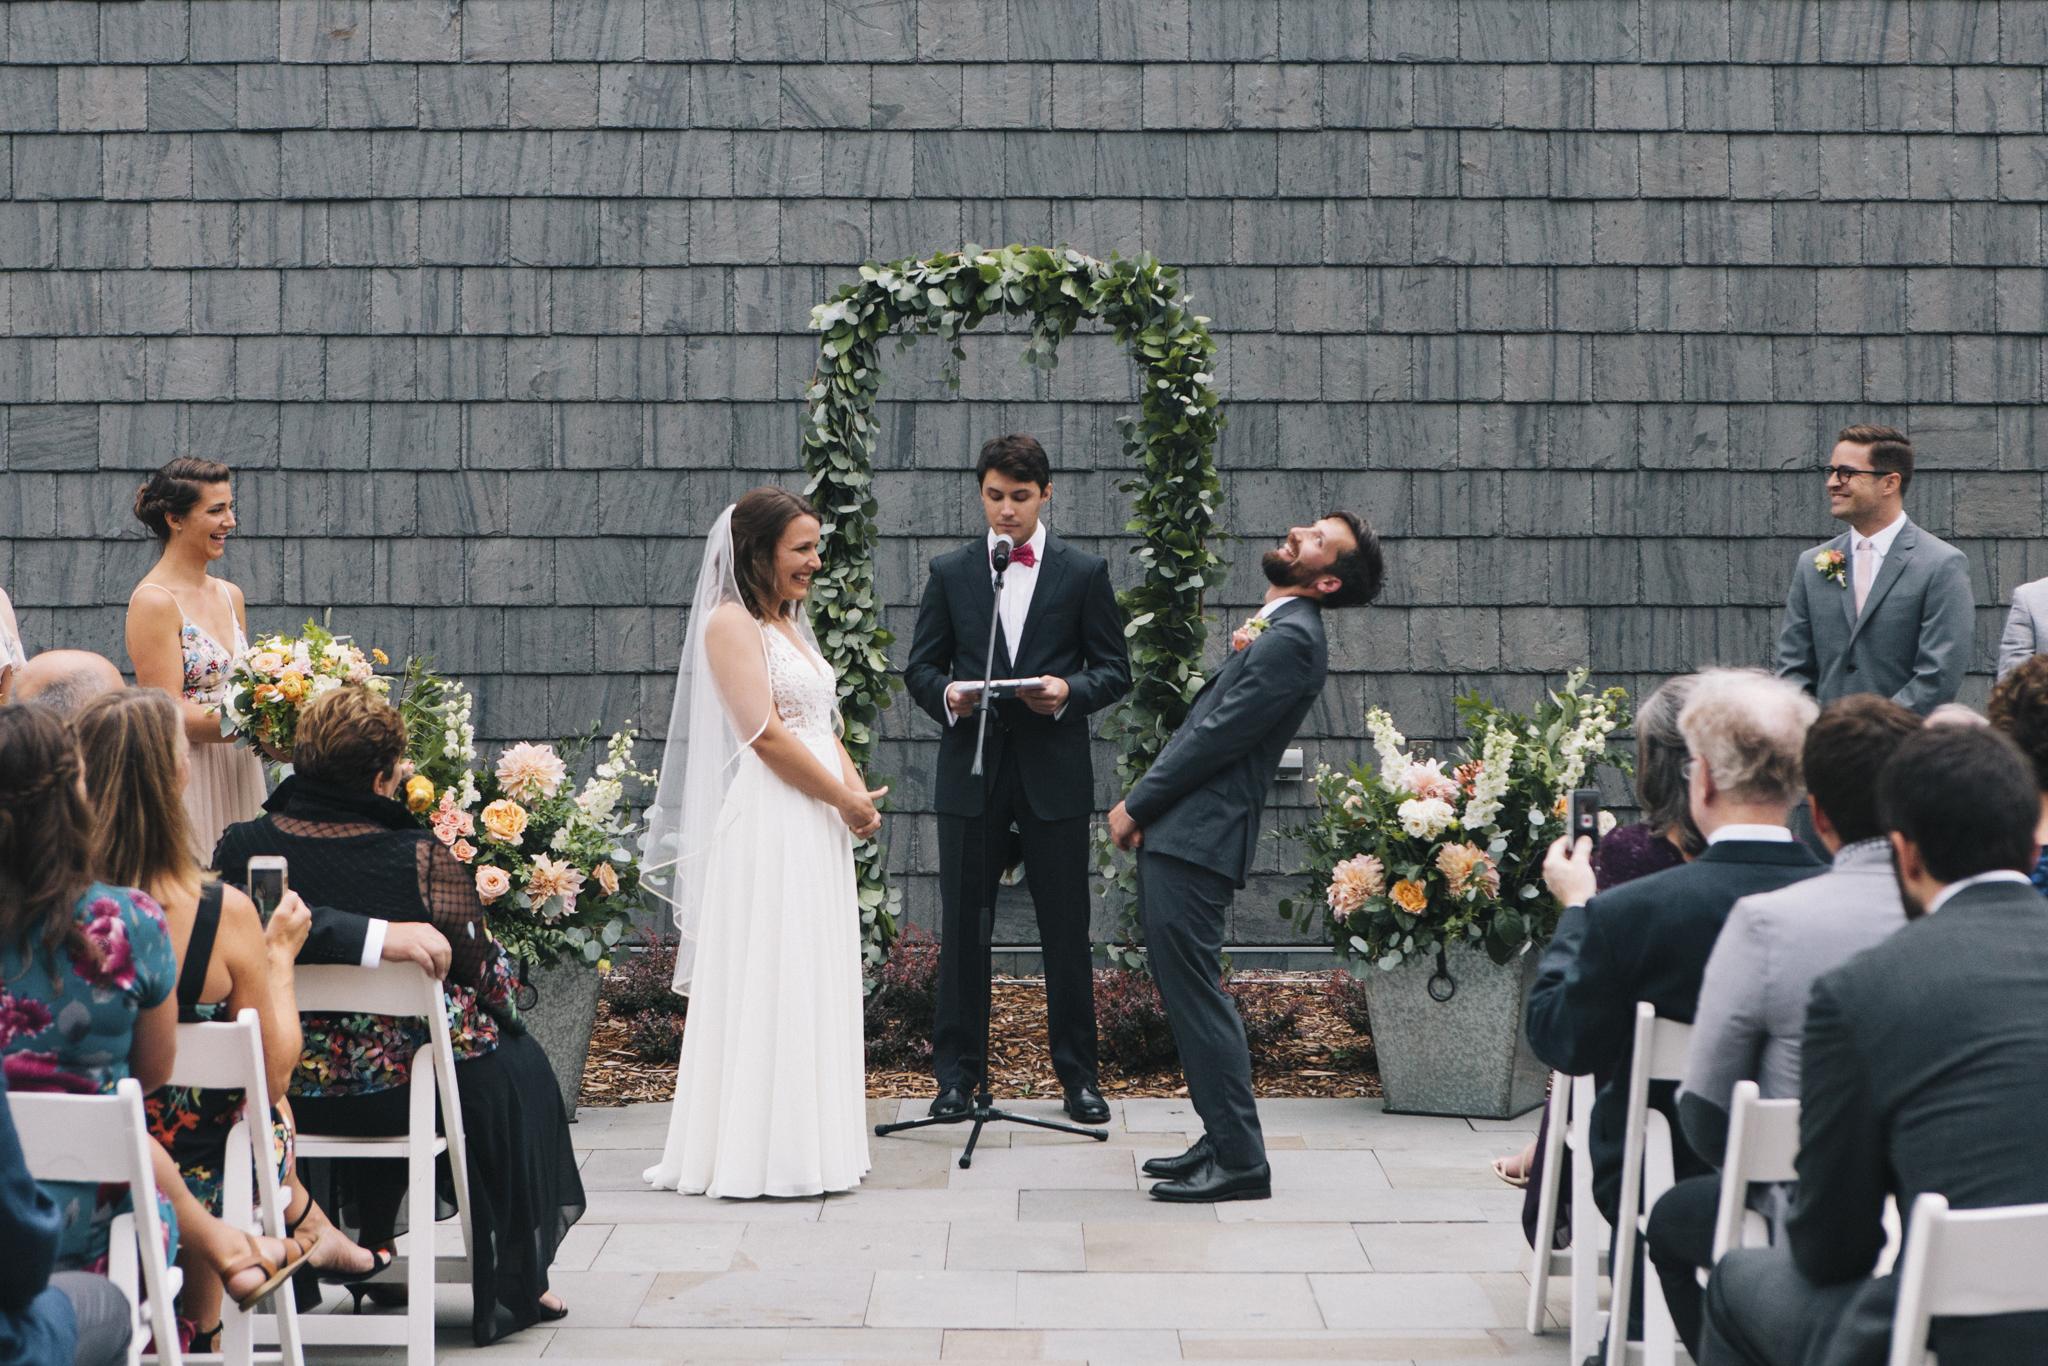 harlan_megmike_wedding_87.jpg